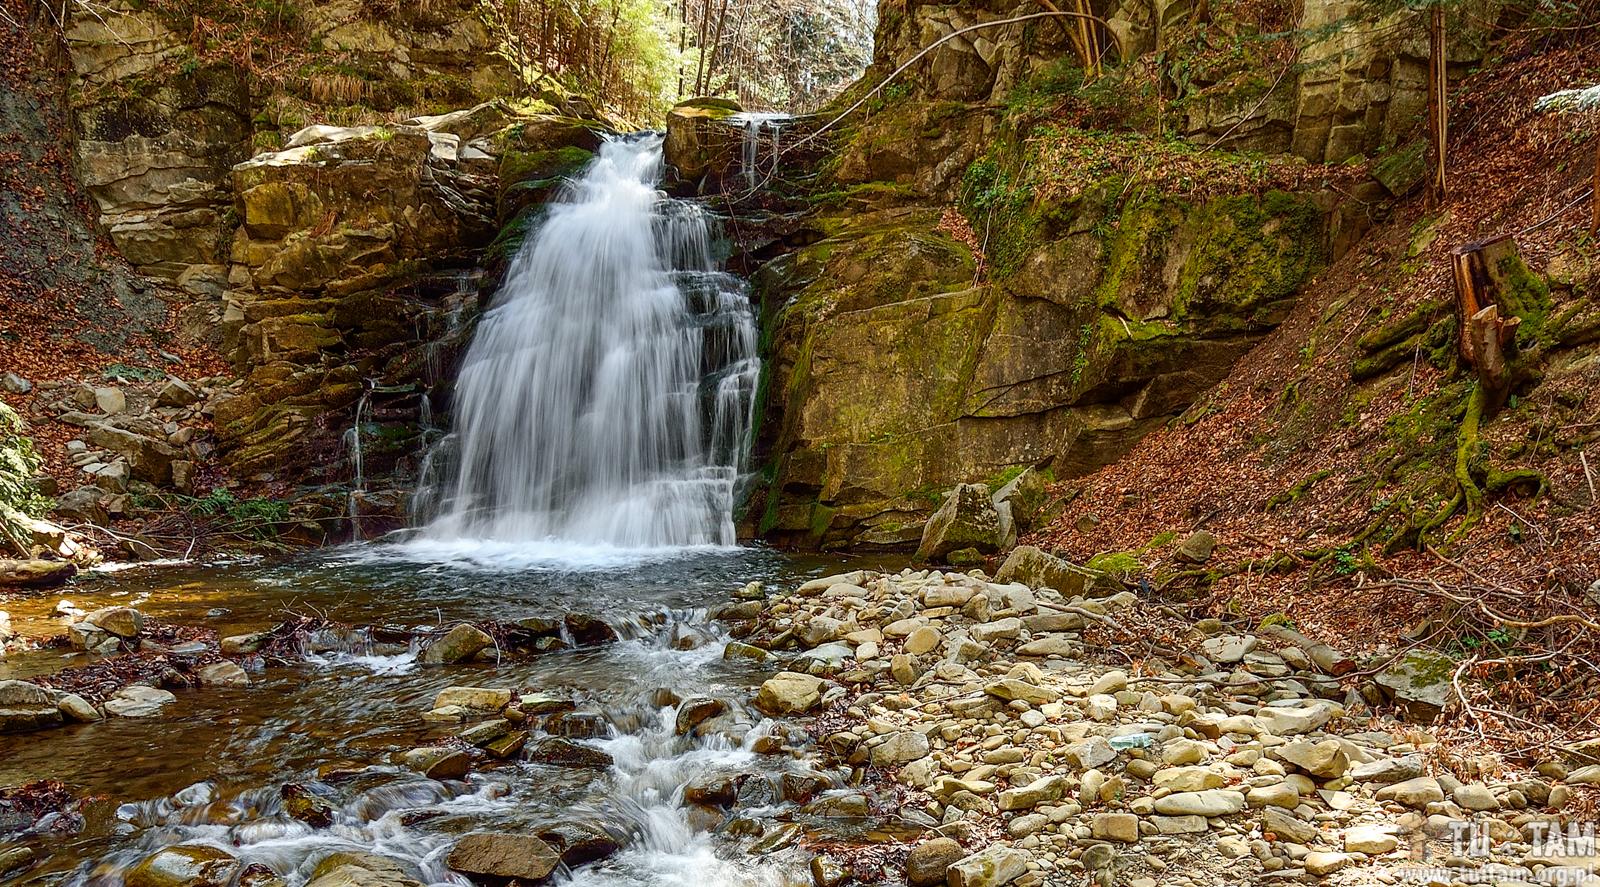 Najpiękniejsze wodospady w Polsce - WODOSPAD WIELKI w Obidzy